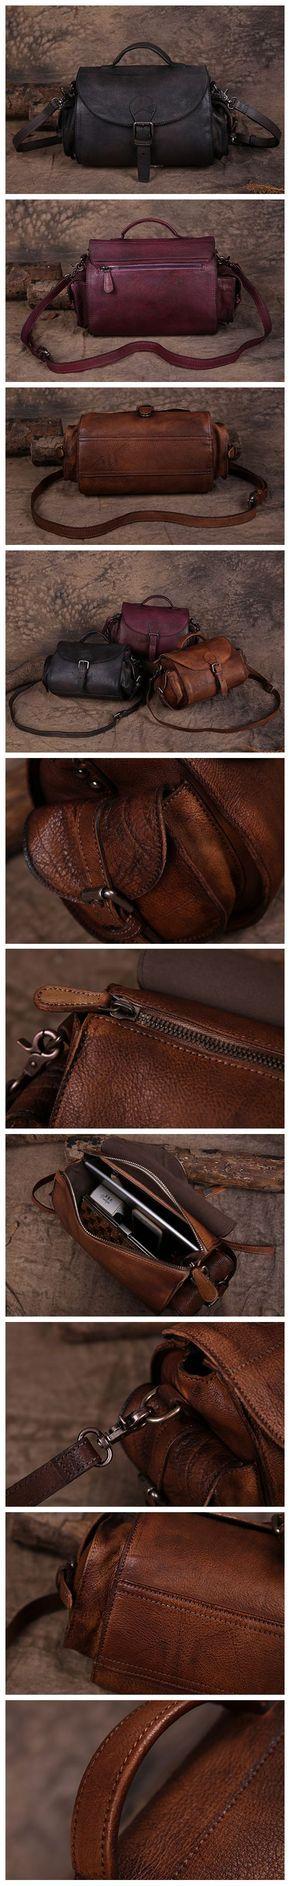 Handmade Vintage Leather Bag, Travel Bag, Ladies Messenger Bag, Sling Bag 180082